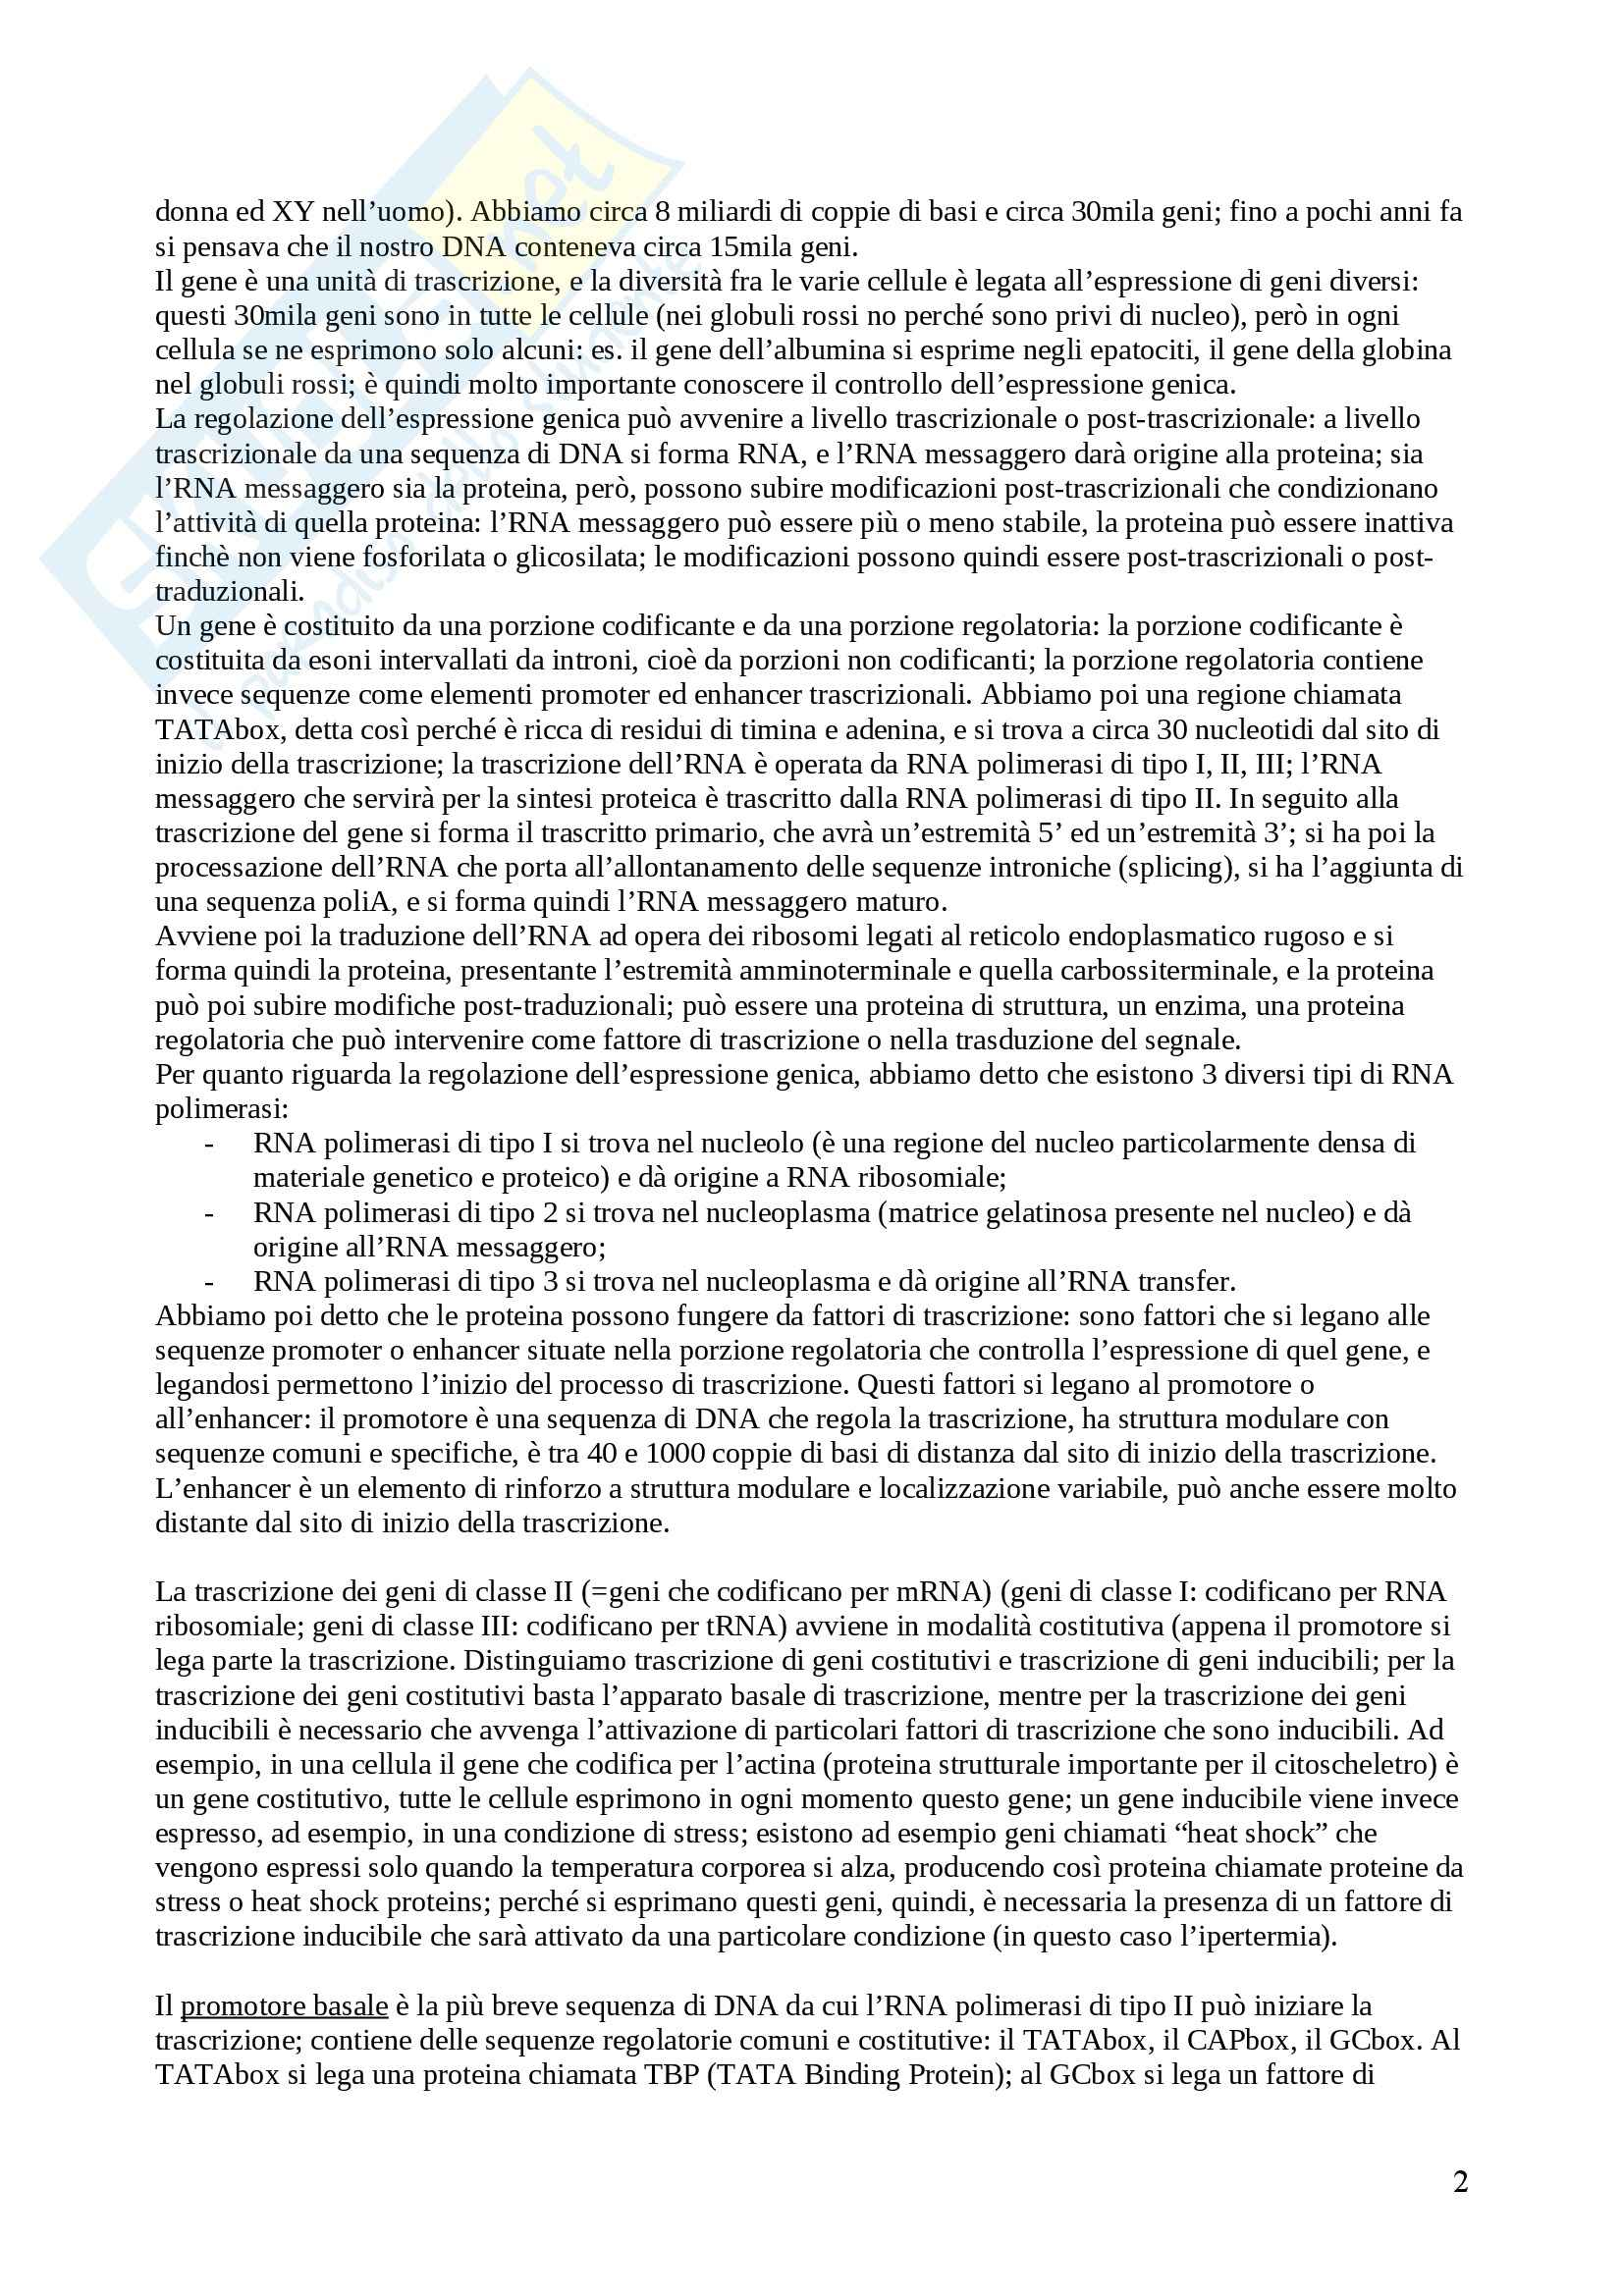 Patologia generale - appunti intero corso Pag. 2